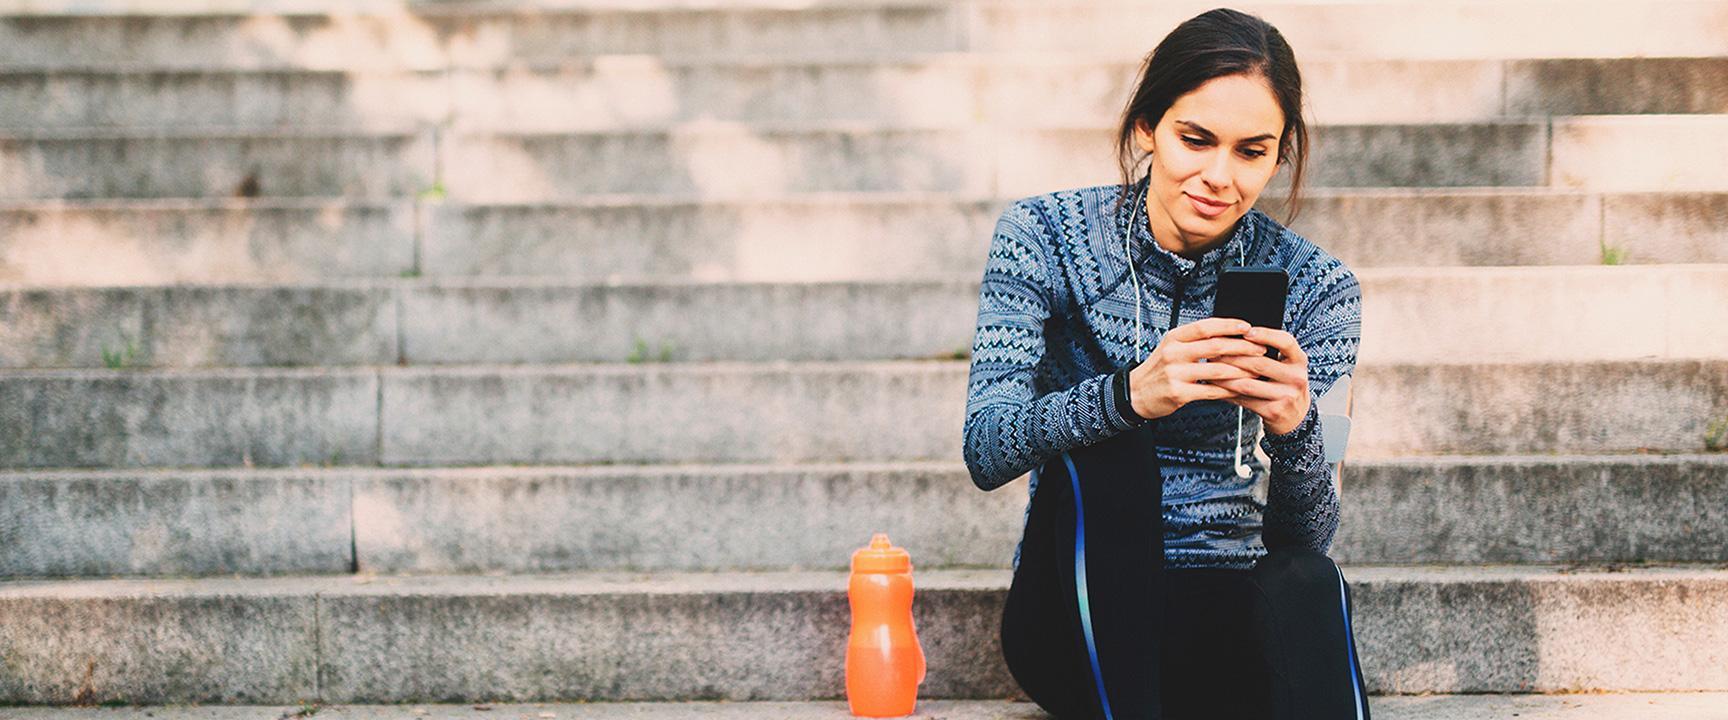 Женщина текстовых сообщений на своем смартфоне